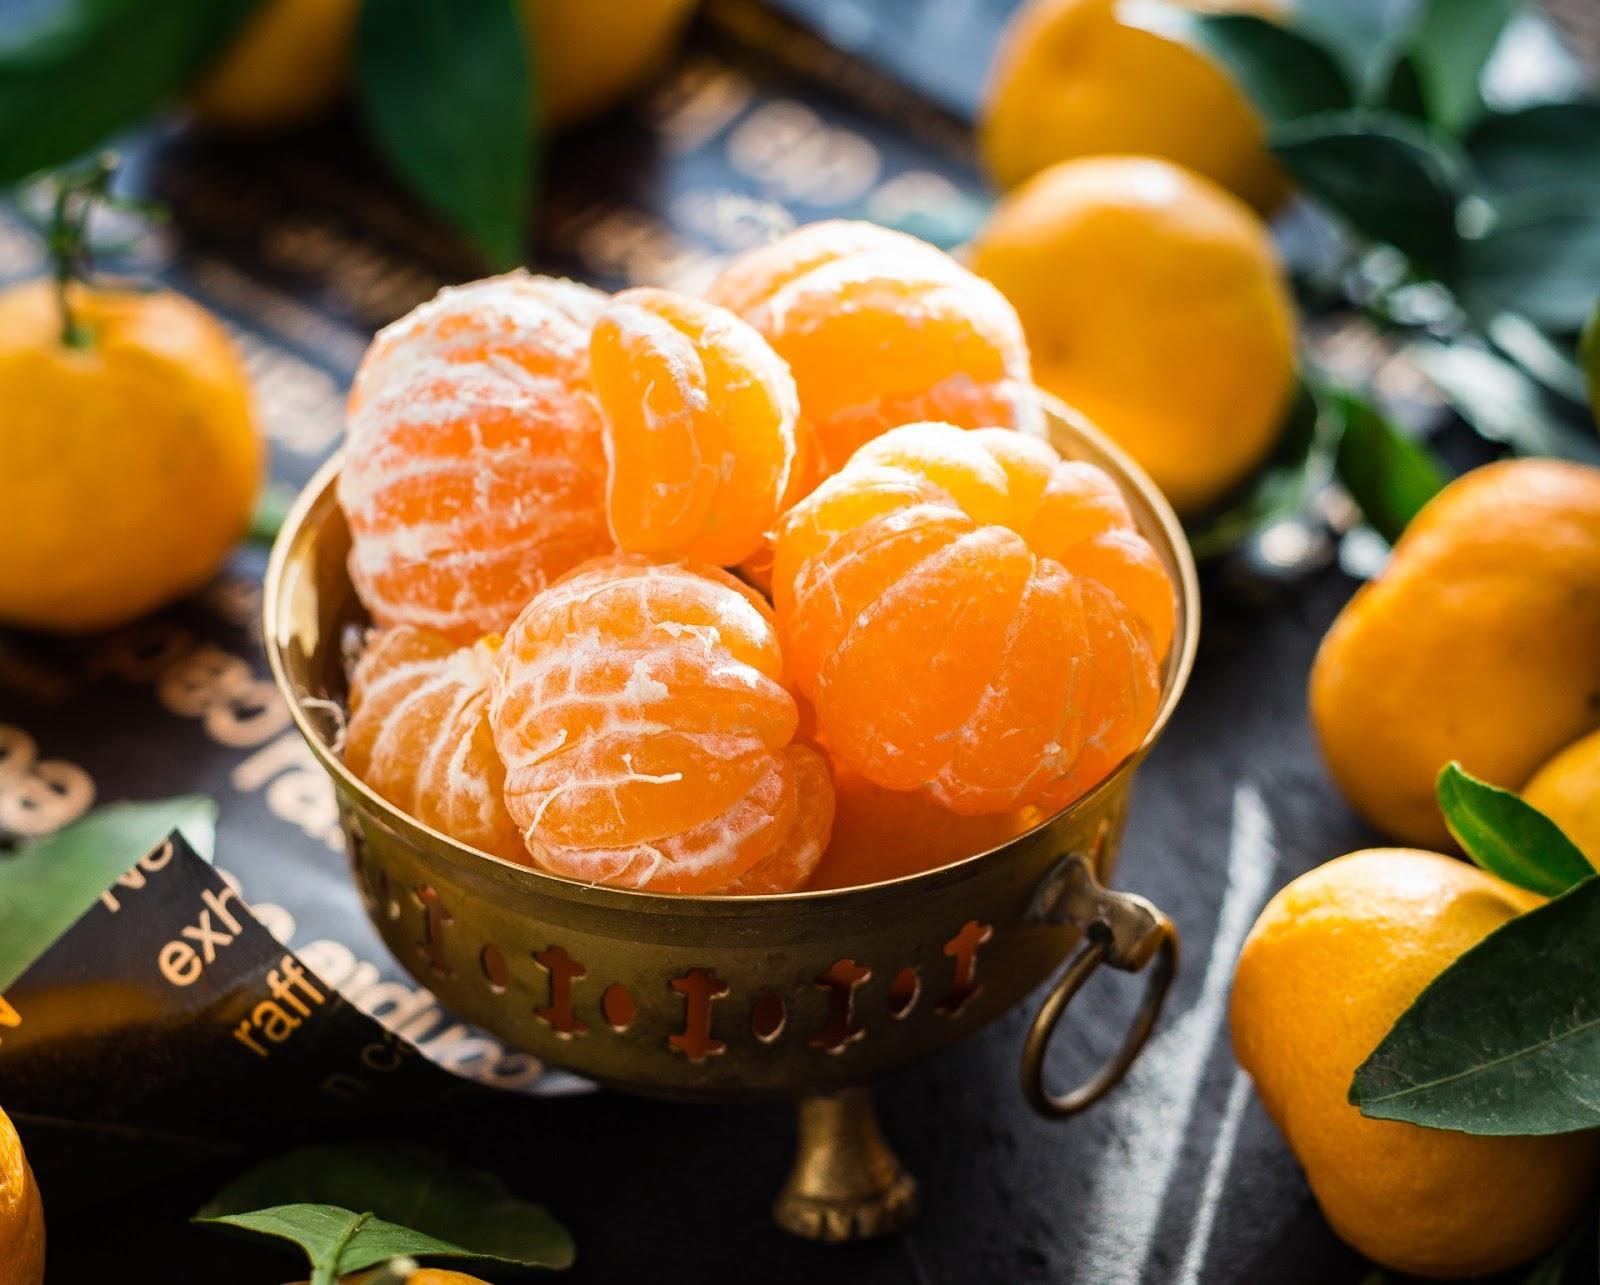 Frutas cítricas são ricas em vitamina C, que contribui para a imunidade e, também, para o cérebro (Imagem: Pixabay)